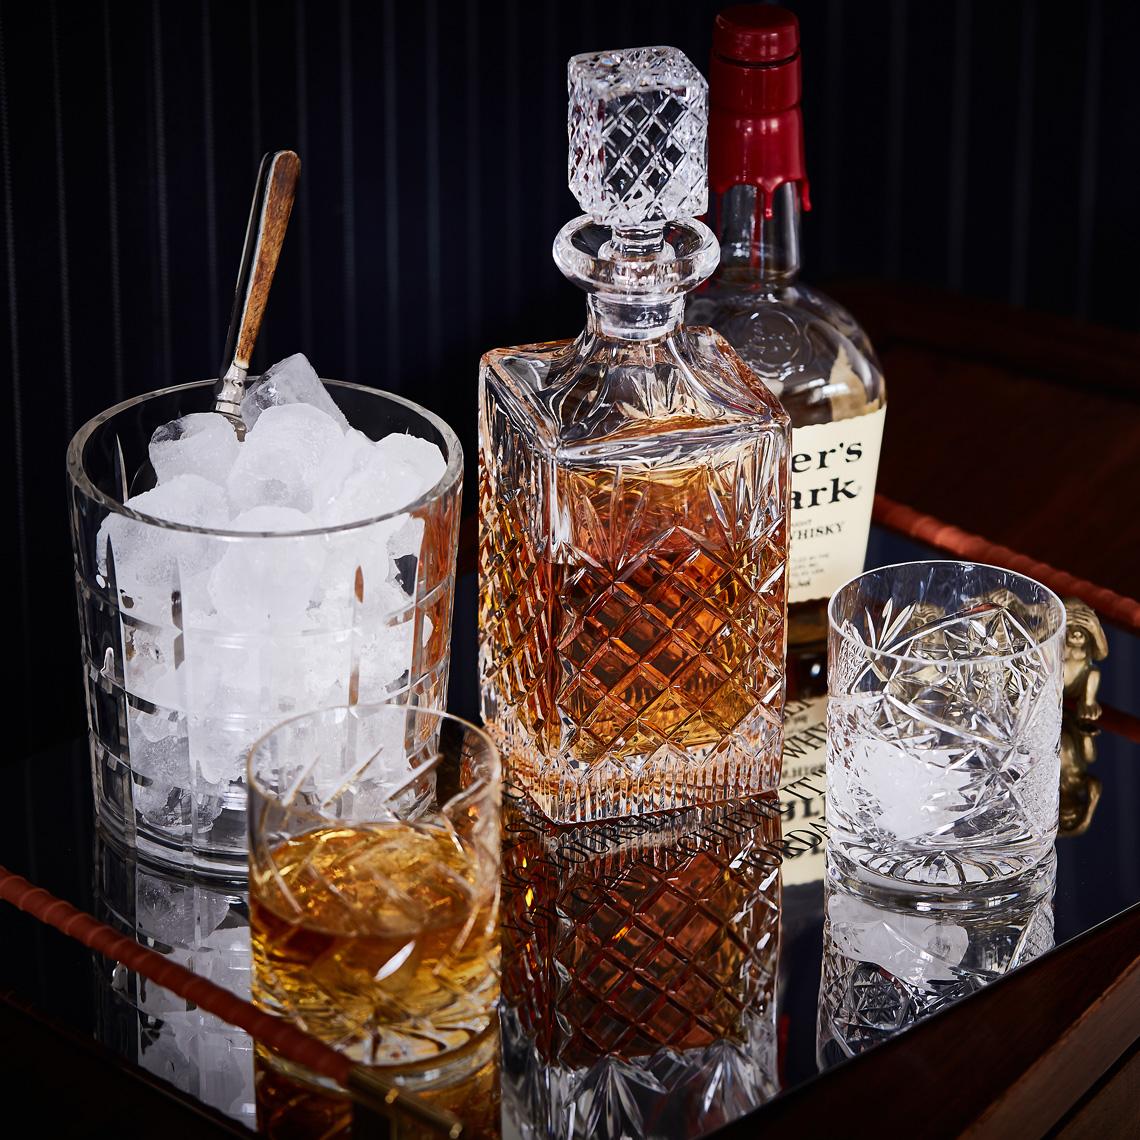 Jfk bar